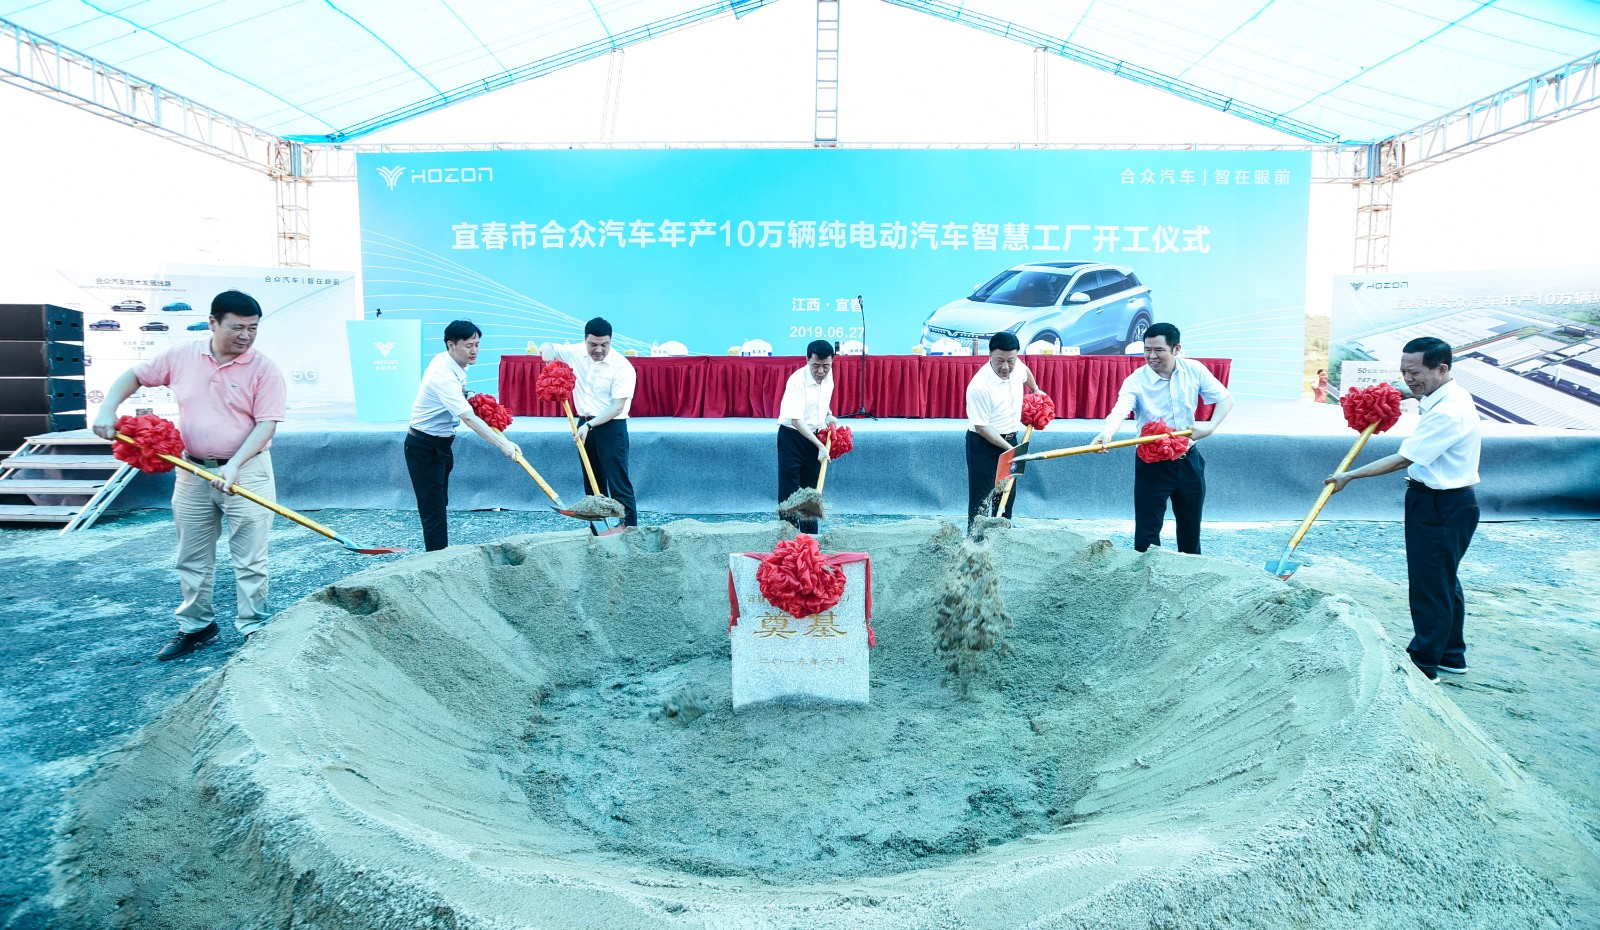 <b>合众汽车第二座工厂启动建设</b>